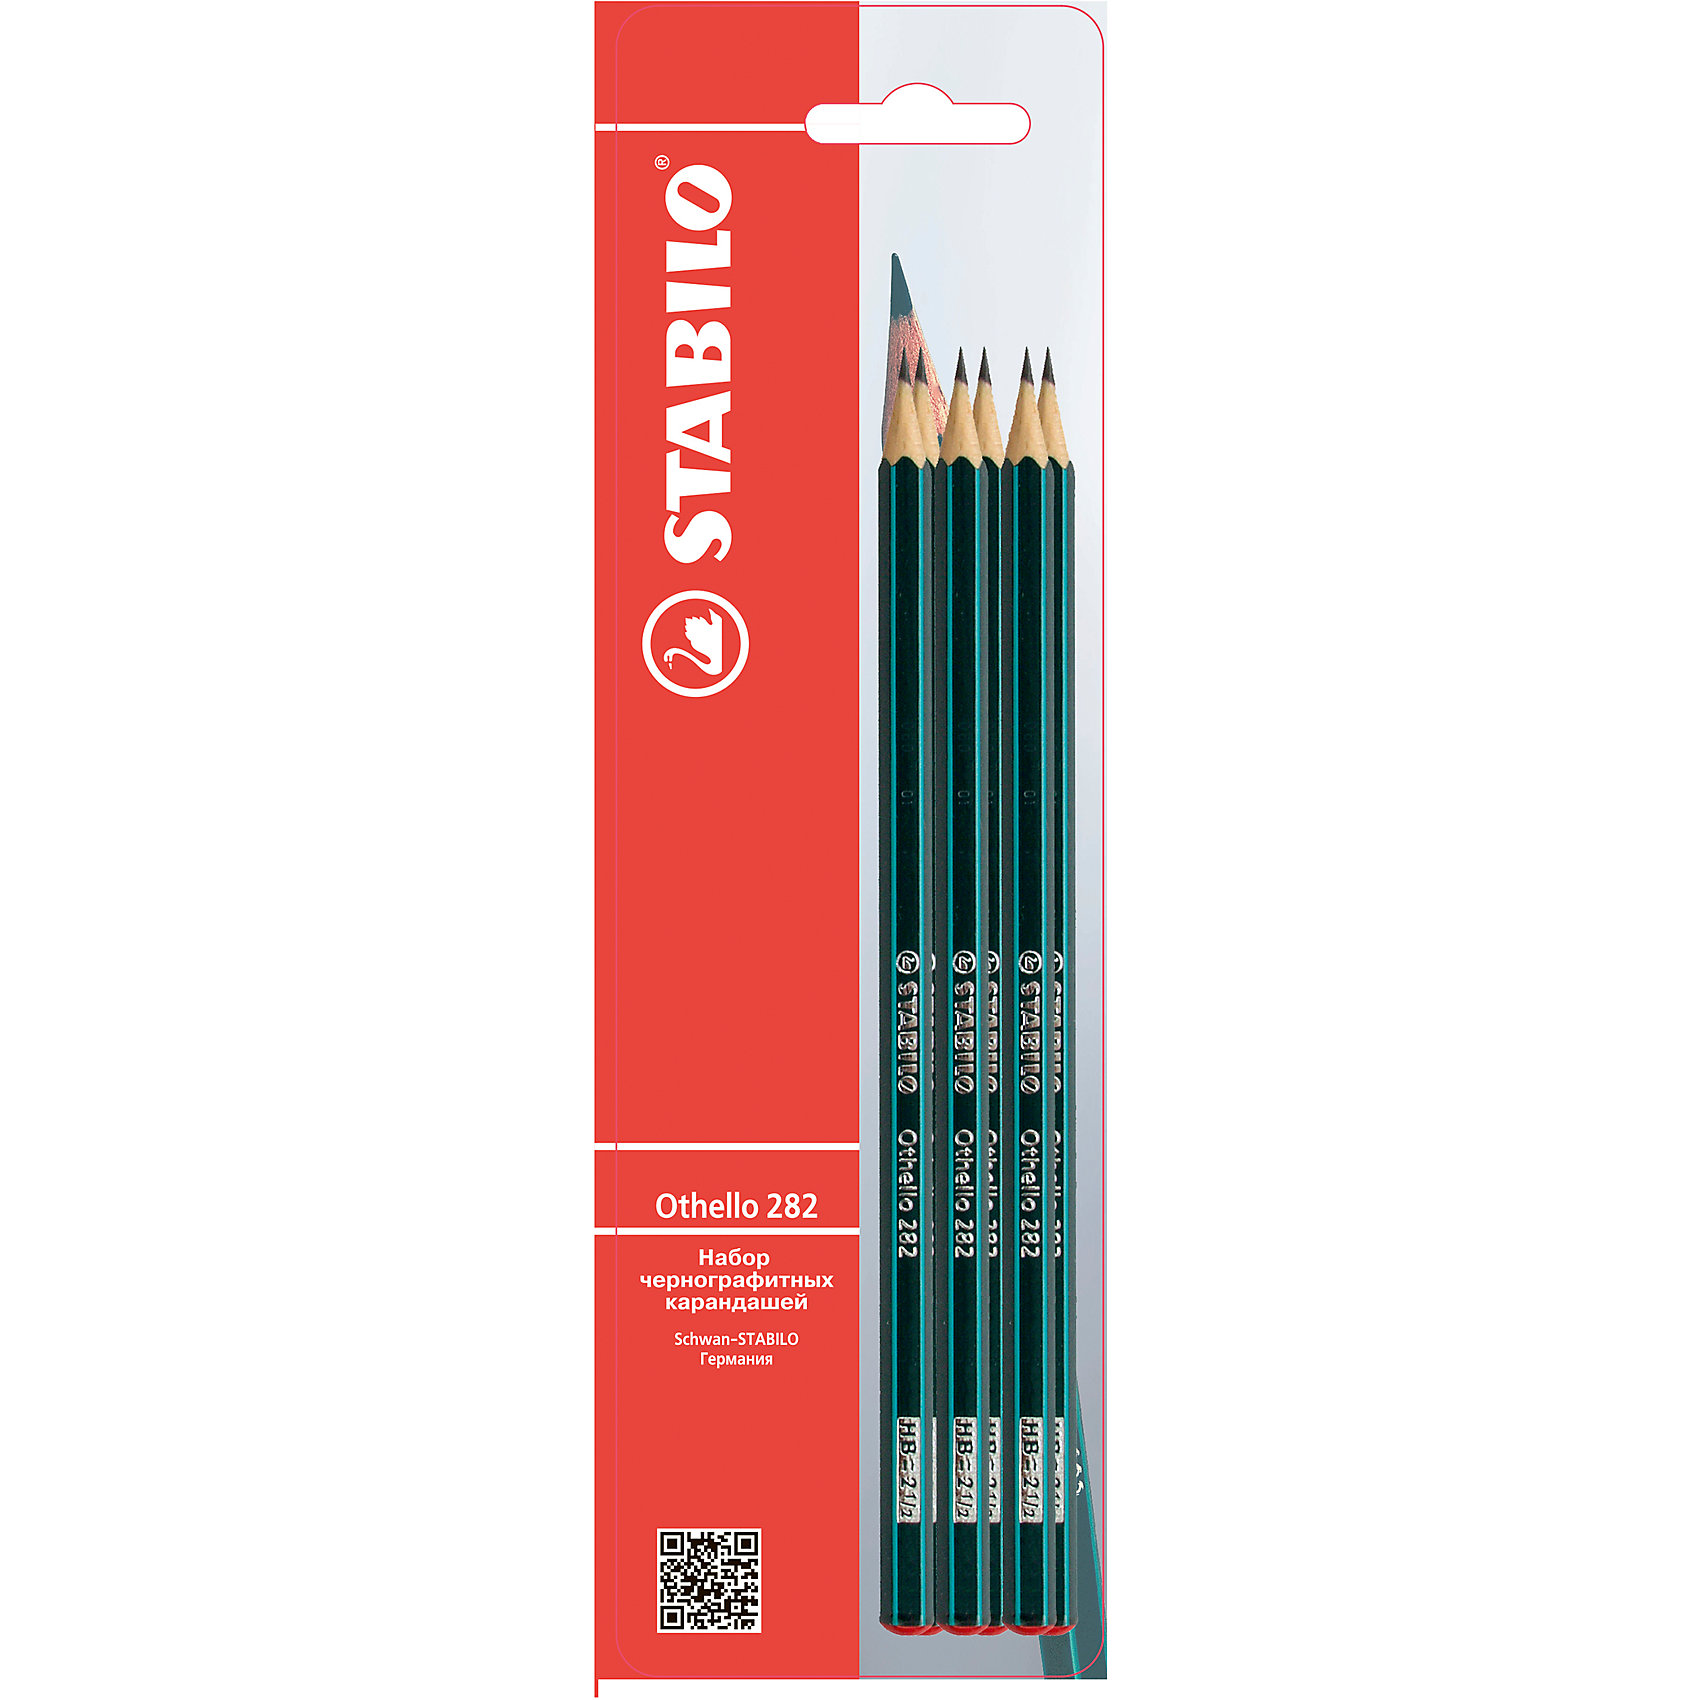 Набор карандашей, 6 шт.Рисование<br>Набор карандашей, 6 шт. от марки Stabilo<br><br>Эти карандаши созданы немецкой компанией для комфортного и легкого письма или рисования. Легко затачиваются, при этом грифель очень устойчив к поломкам. <br>Грифель - из высококачественного мелкодисперсного графита. В наборе - шесть карандашей. Они отлично лежат в руке благодаря удобной форме и лаковому покрытию в несколько слоев.<br><br>Особенности данной модели:<br><br>твердость: от 2-Н до 2-В.<br><br>Набор карандашей, 6 шт. от марки Stabilo можно купить в нашем магазине.<br><br>Ширина мм: 240<br>Глубина мм: 70<br>Высота мм: 10<br>Вес г: 15<br>Возраст от месяцев: 36<br>Возраст до месяцев: 2147483647<br>Пол: Унисекс<br>Возраст: Детский<br>SKU: 4684717